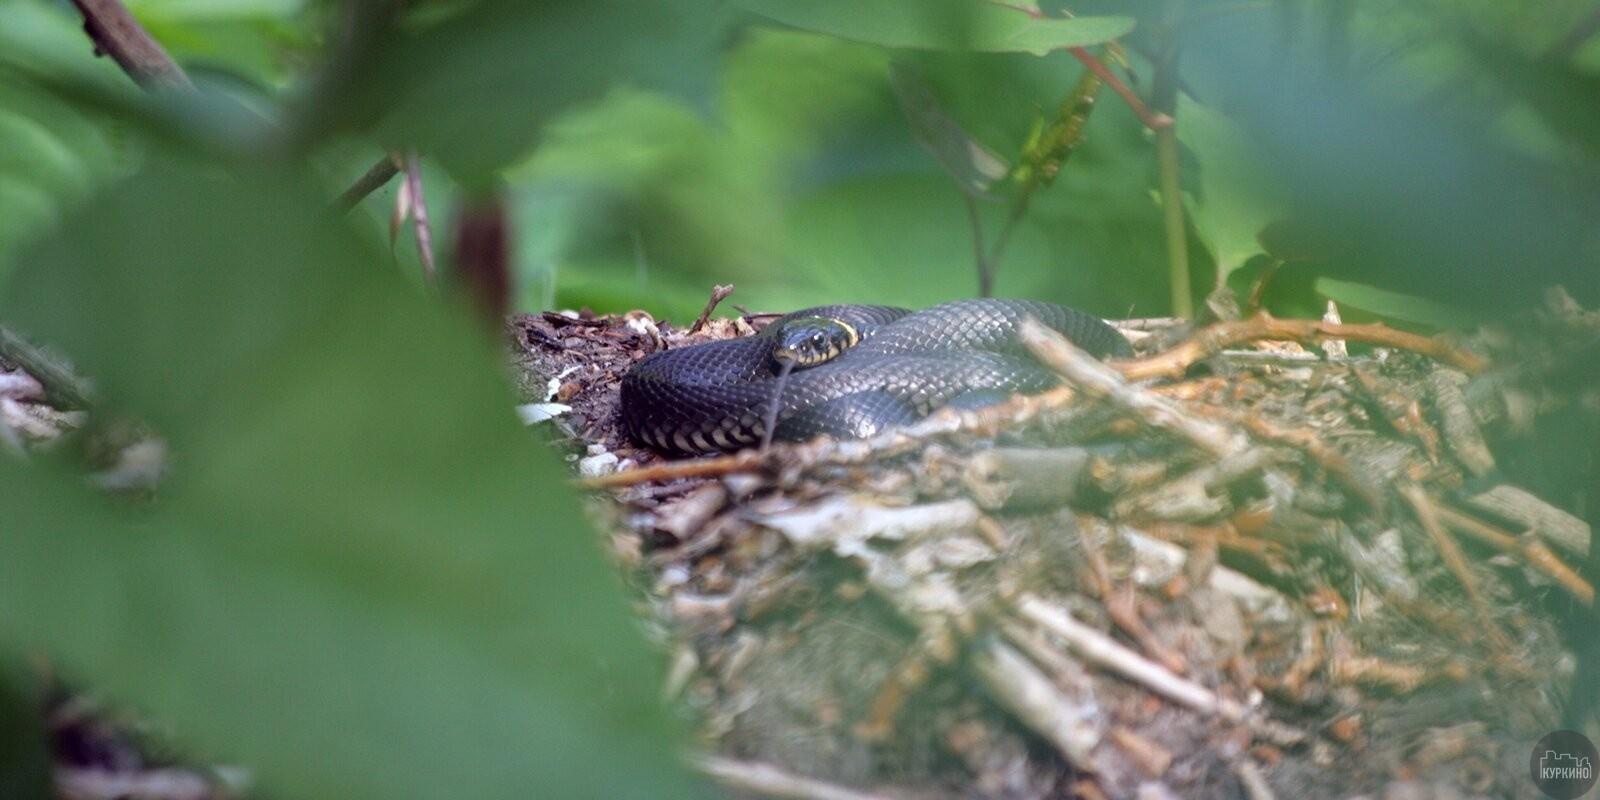 Правила поведения при встрече со змеей